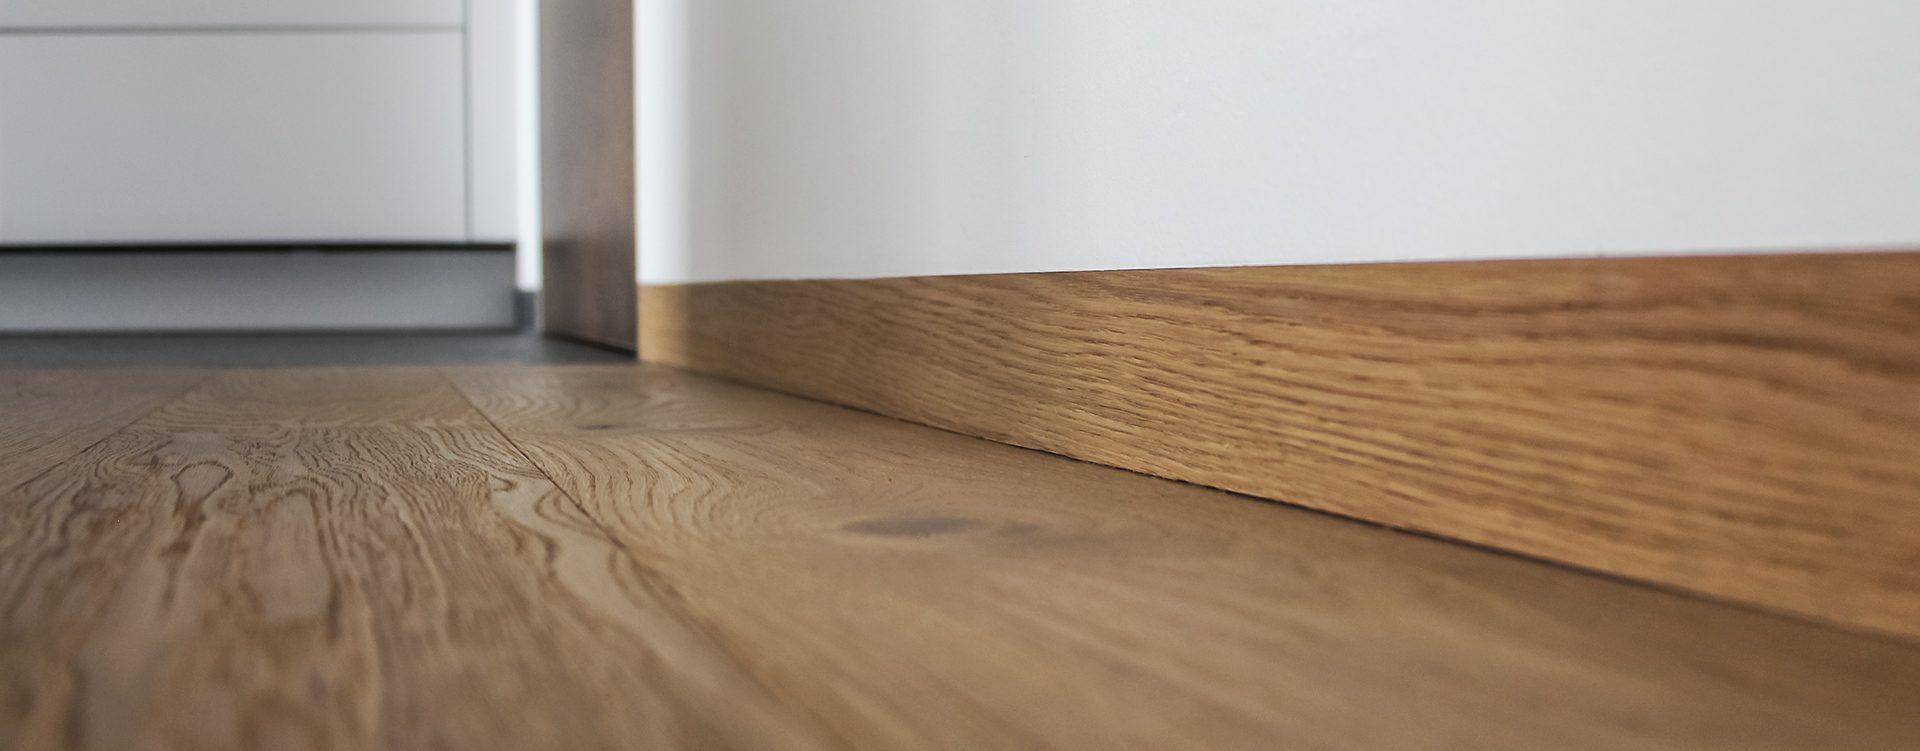 Full Size of Uni 50 15 Linea Universal Profil 2 Küche Billig Kaufen Deckenleuchte L Mit Kochinsel Ikea Miniküche Lüftung Teppich Sitzgruppe Laminat Für Was Kostet Eine Wohnzimmer Küche Sockelleiste